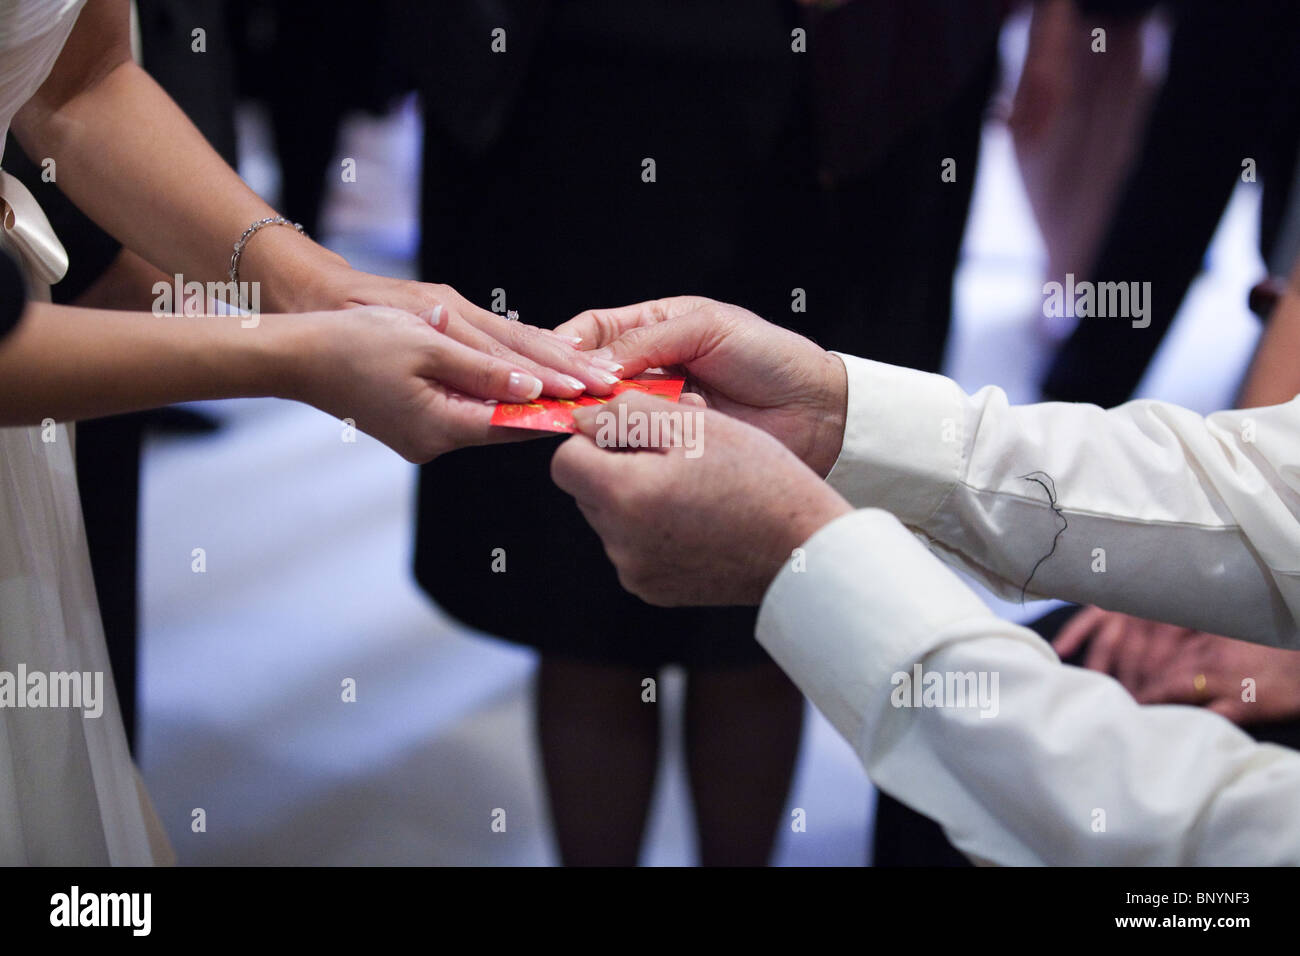 Geschenketausch Stockfotos & Geschenketausch Bilder - Alamy